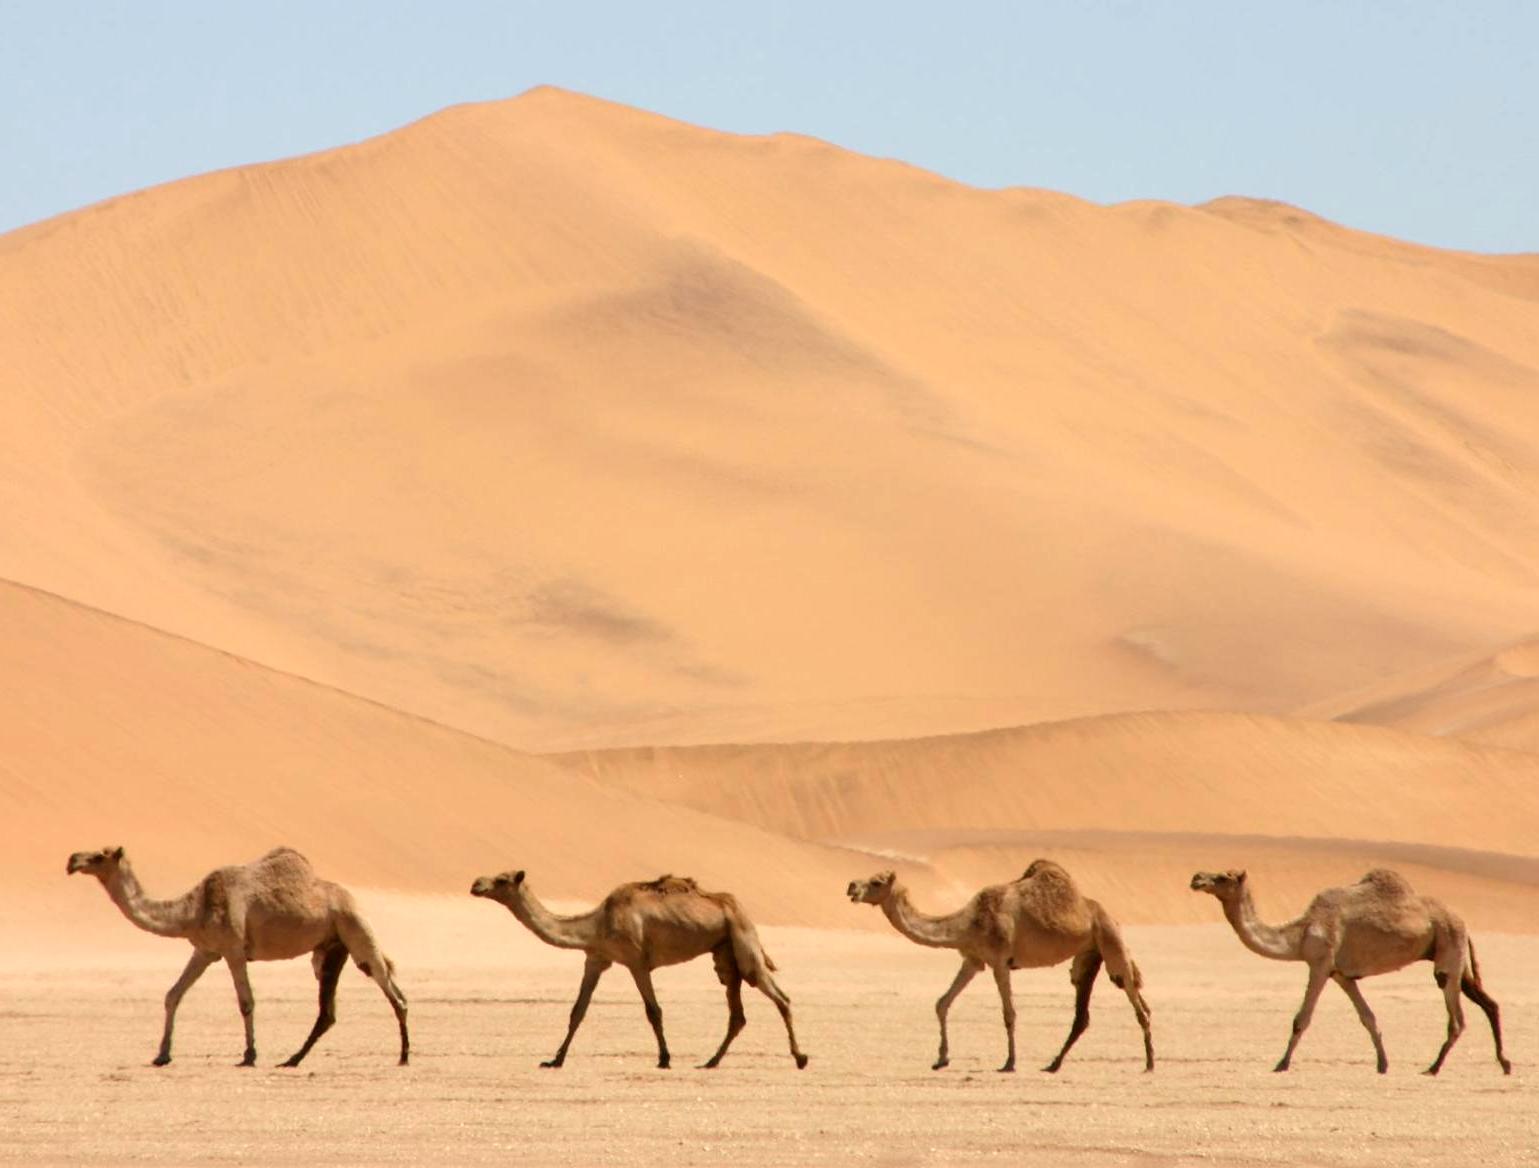 Dromedarios_en_el_desierto.jpg